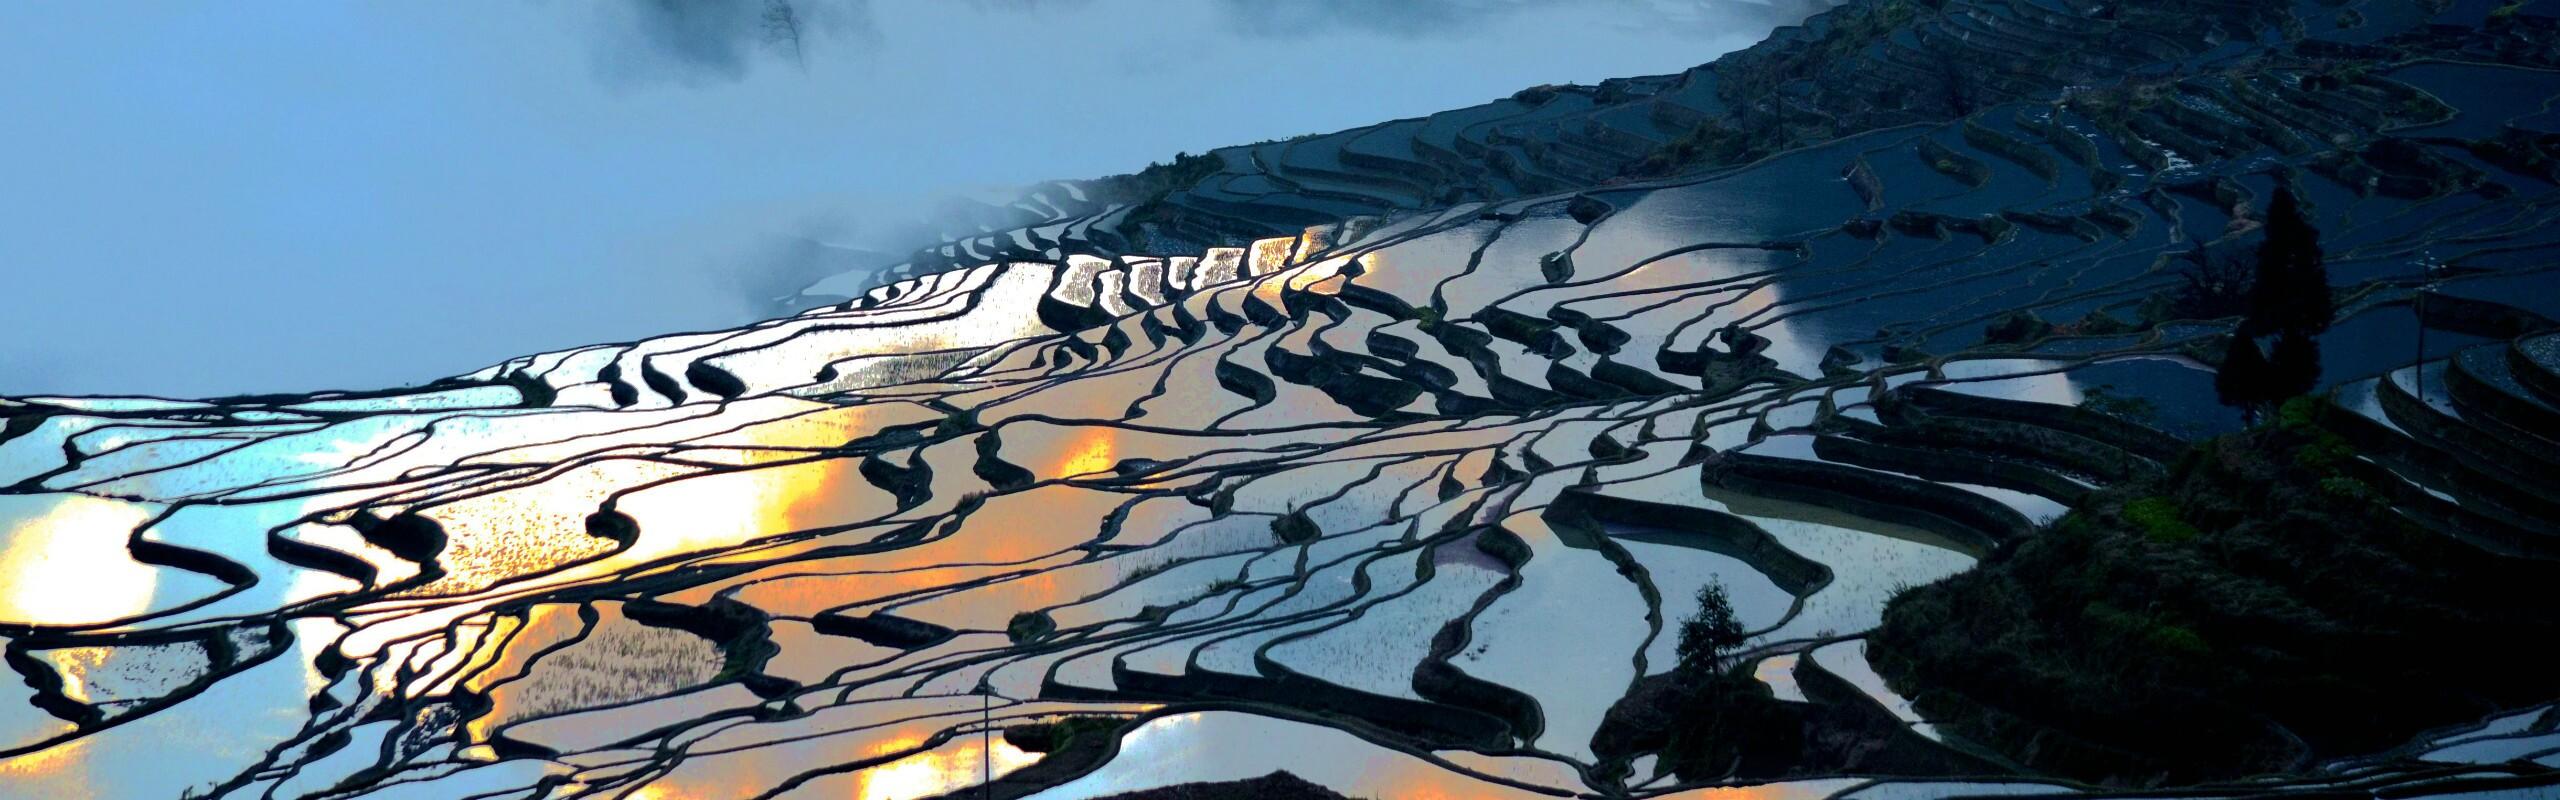 6-Day Jianshui and Yuanyang Tour